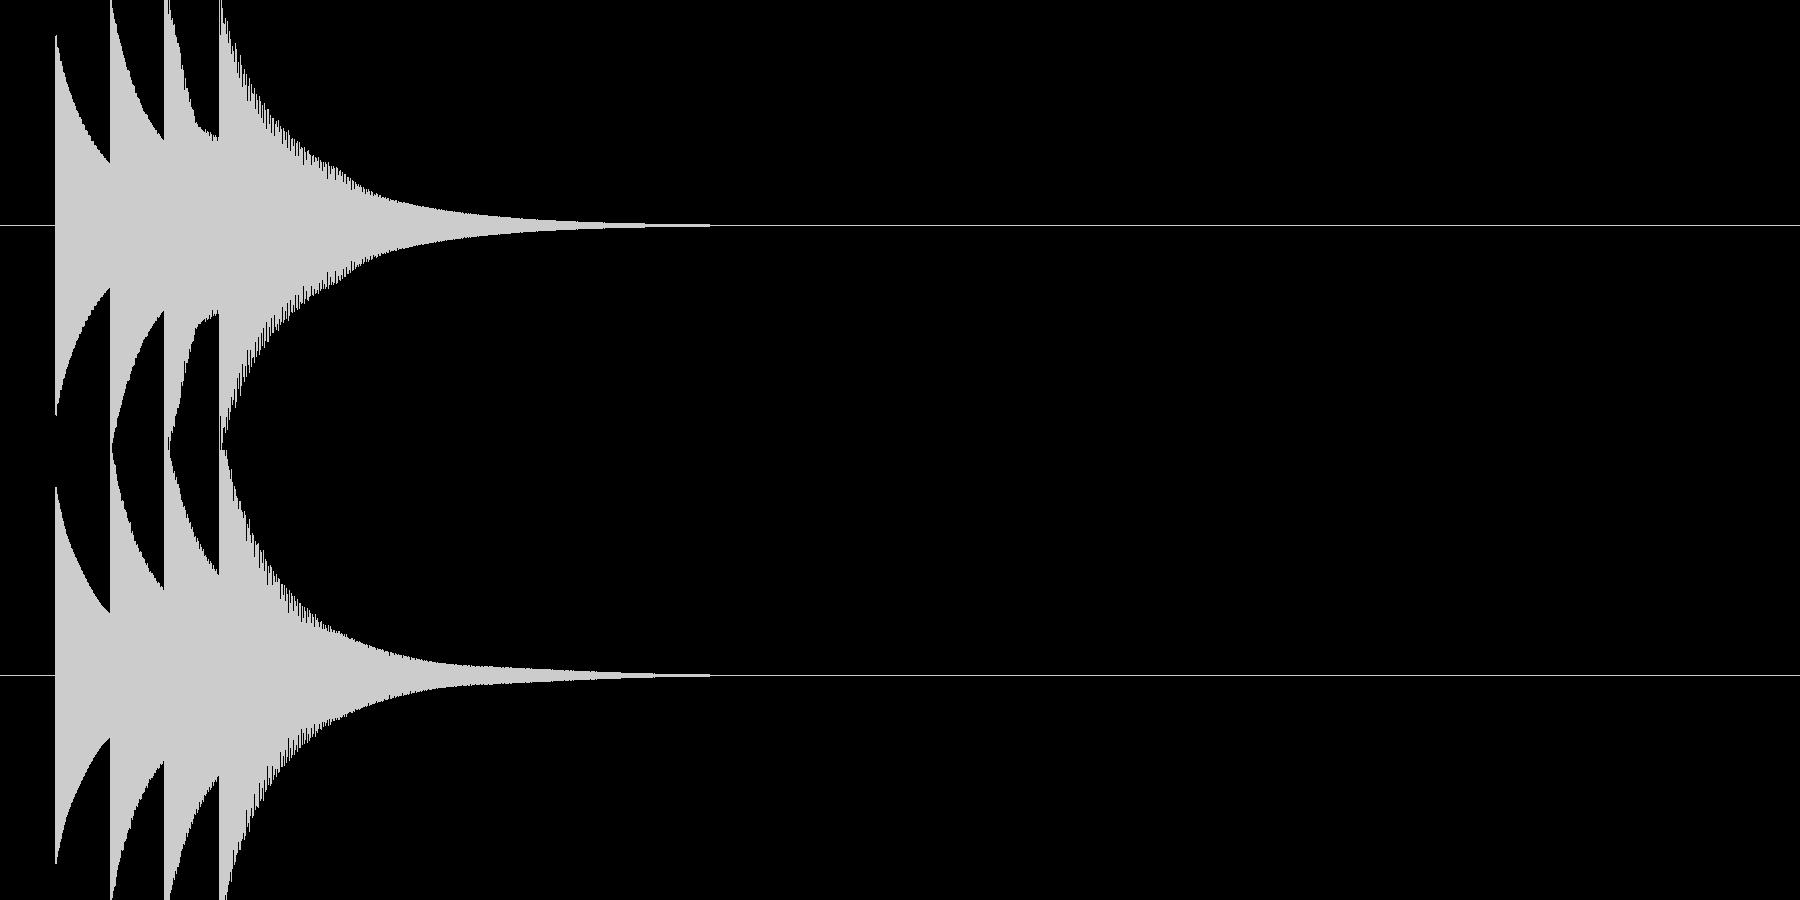 ピコピコーン(正解音)の未再生の波形